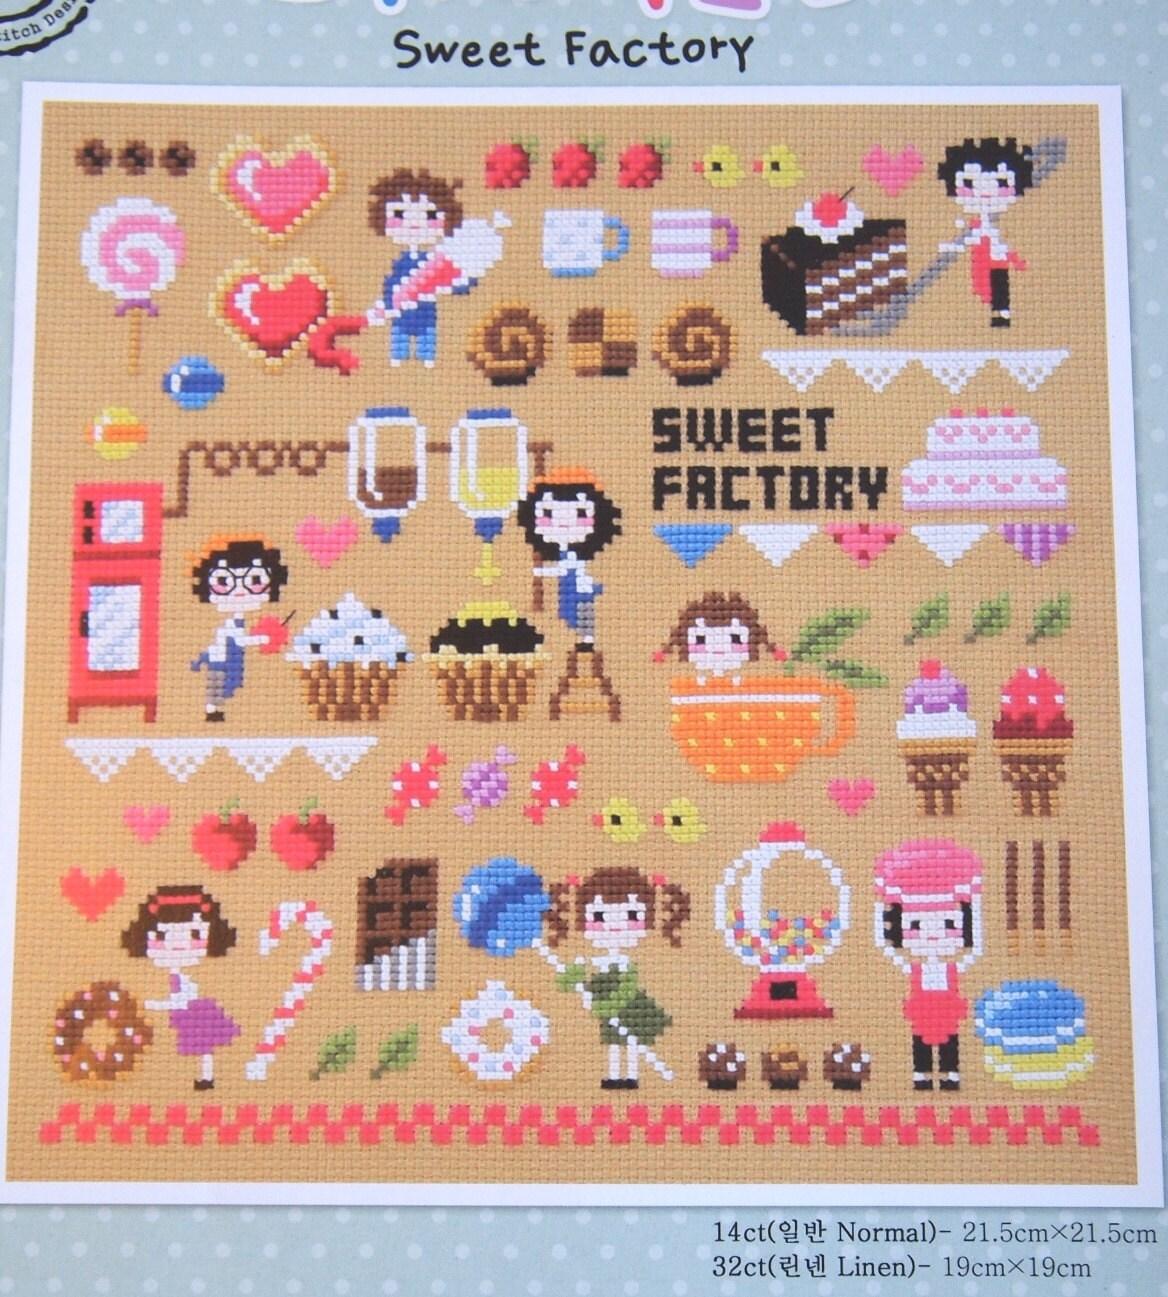 Modern cross stitch patterns and kits sweet factory